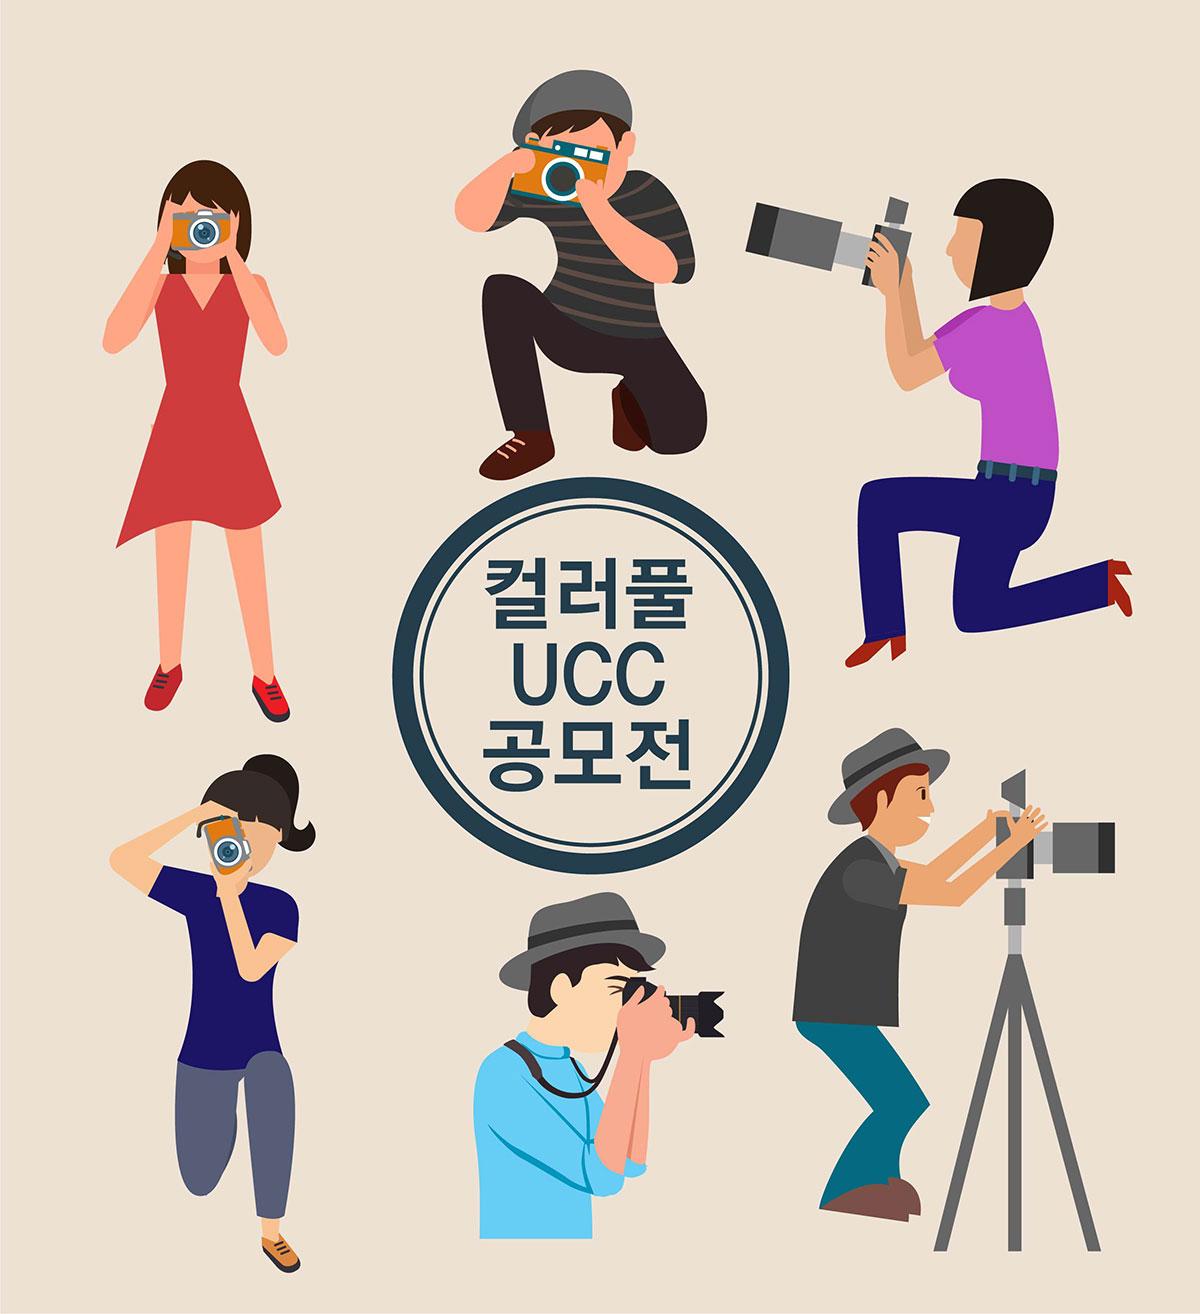 '컬러풀대구페스티벌' 알릴 UCC 공모에 참여하세요!